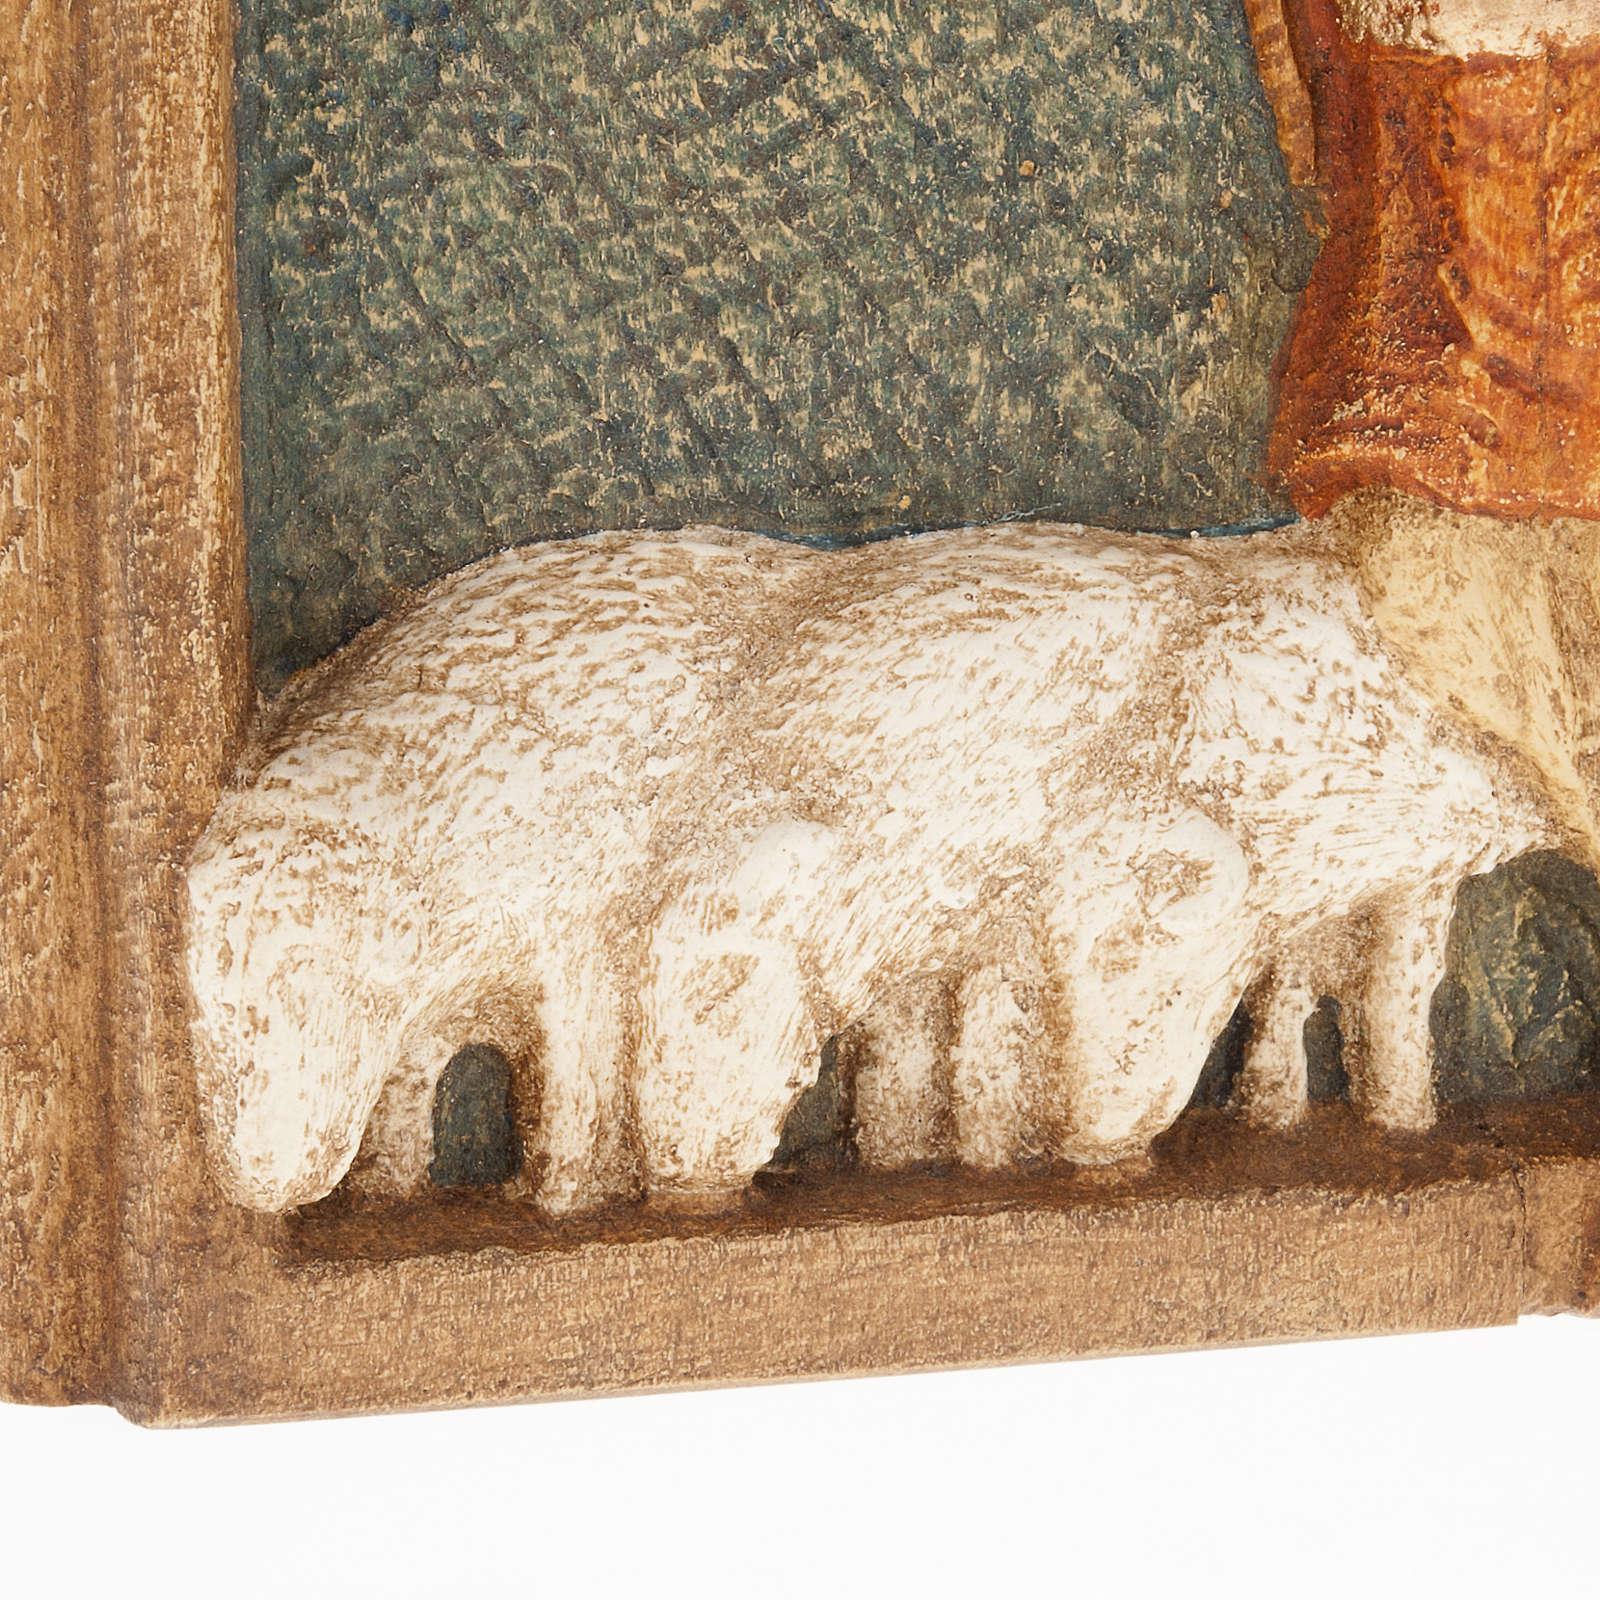 Bajorrelieve de pastores Pesebre de otoño de madera pintada 4